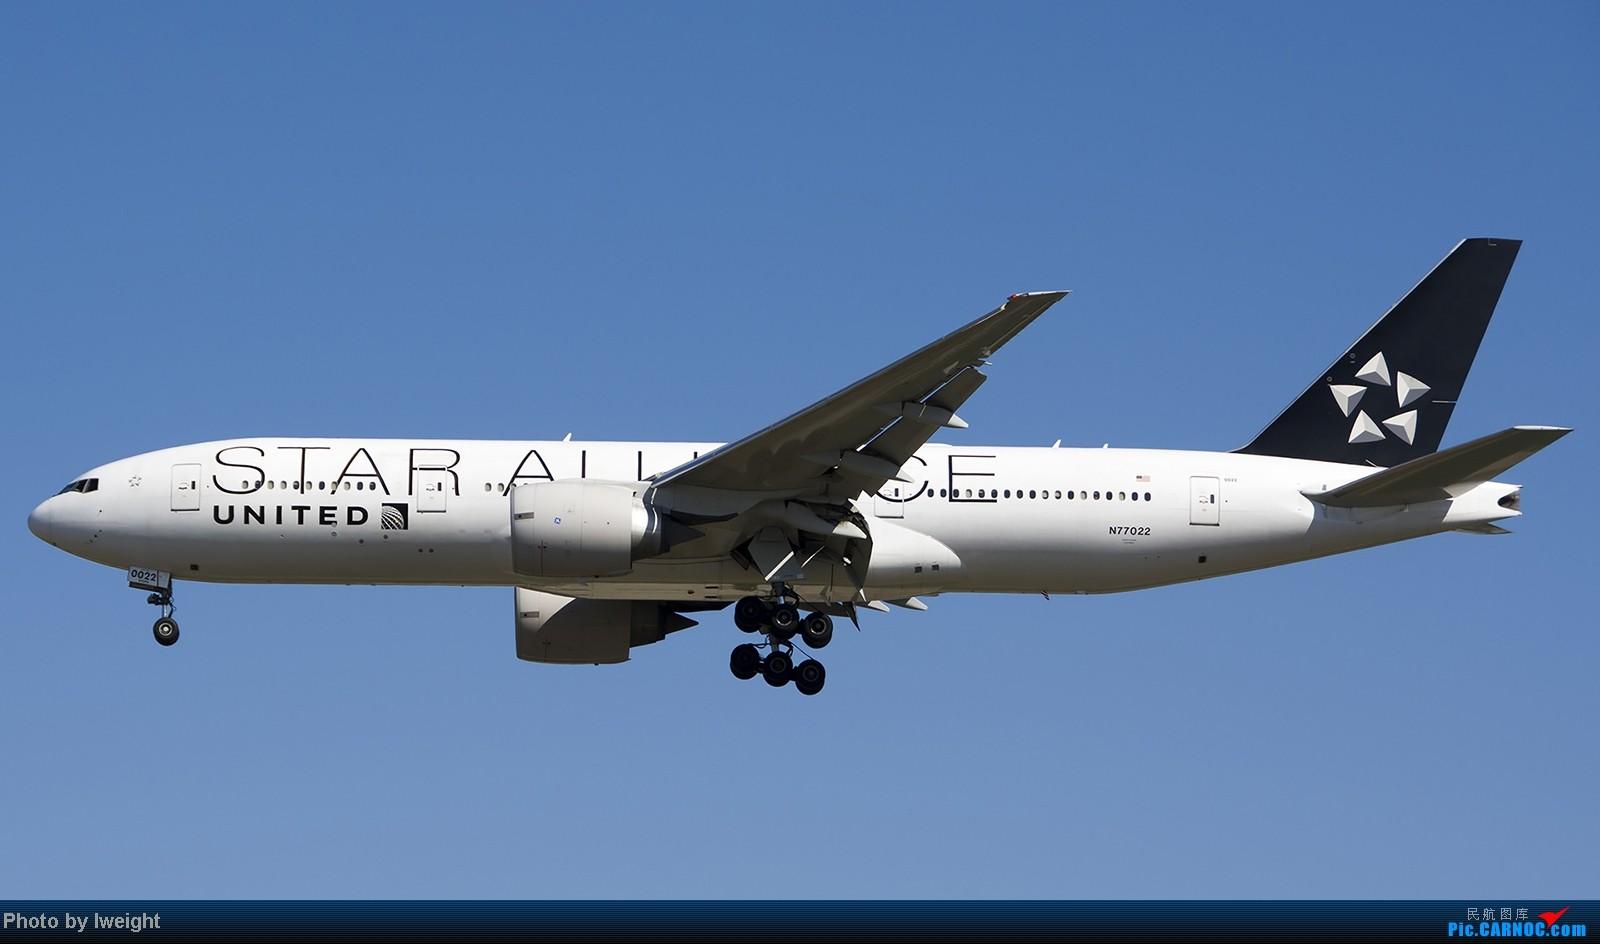 Re:[原创]难得赶上PEK周末好天气,各种常见机型都有收获 BOEING 777-200ER N77022 中国北京首都机场